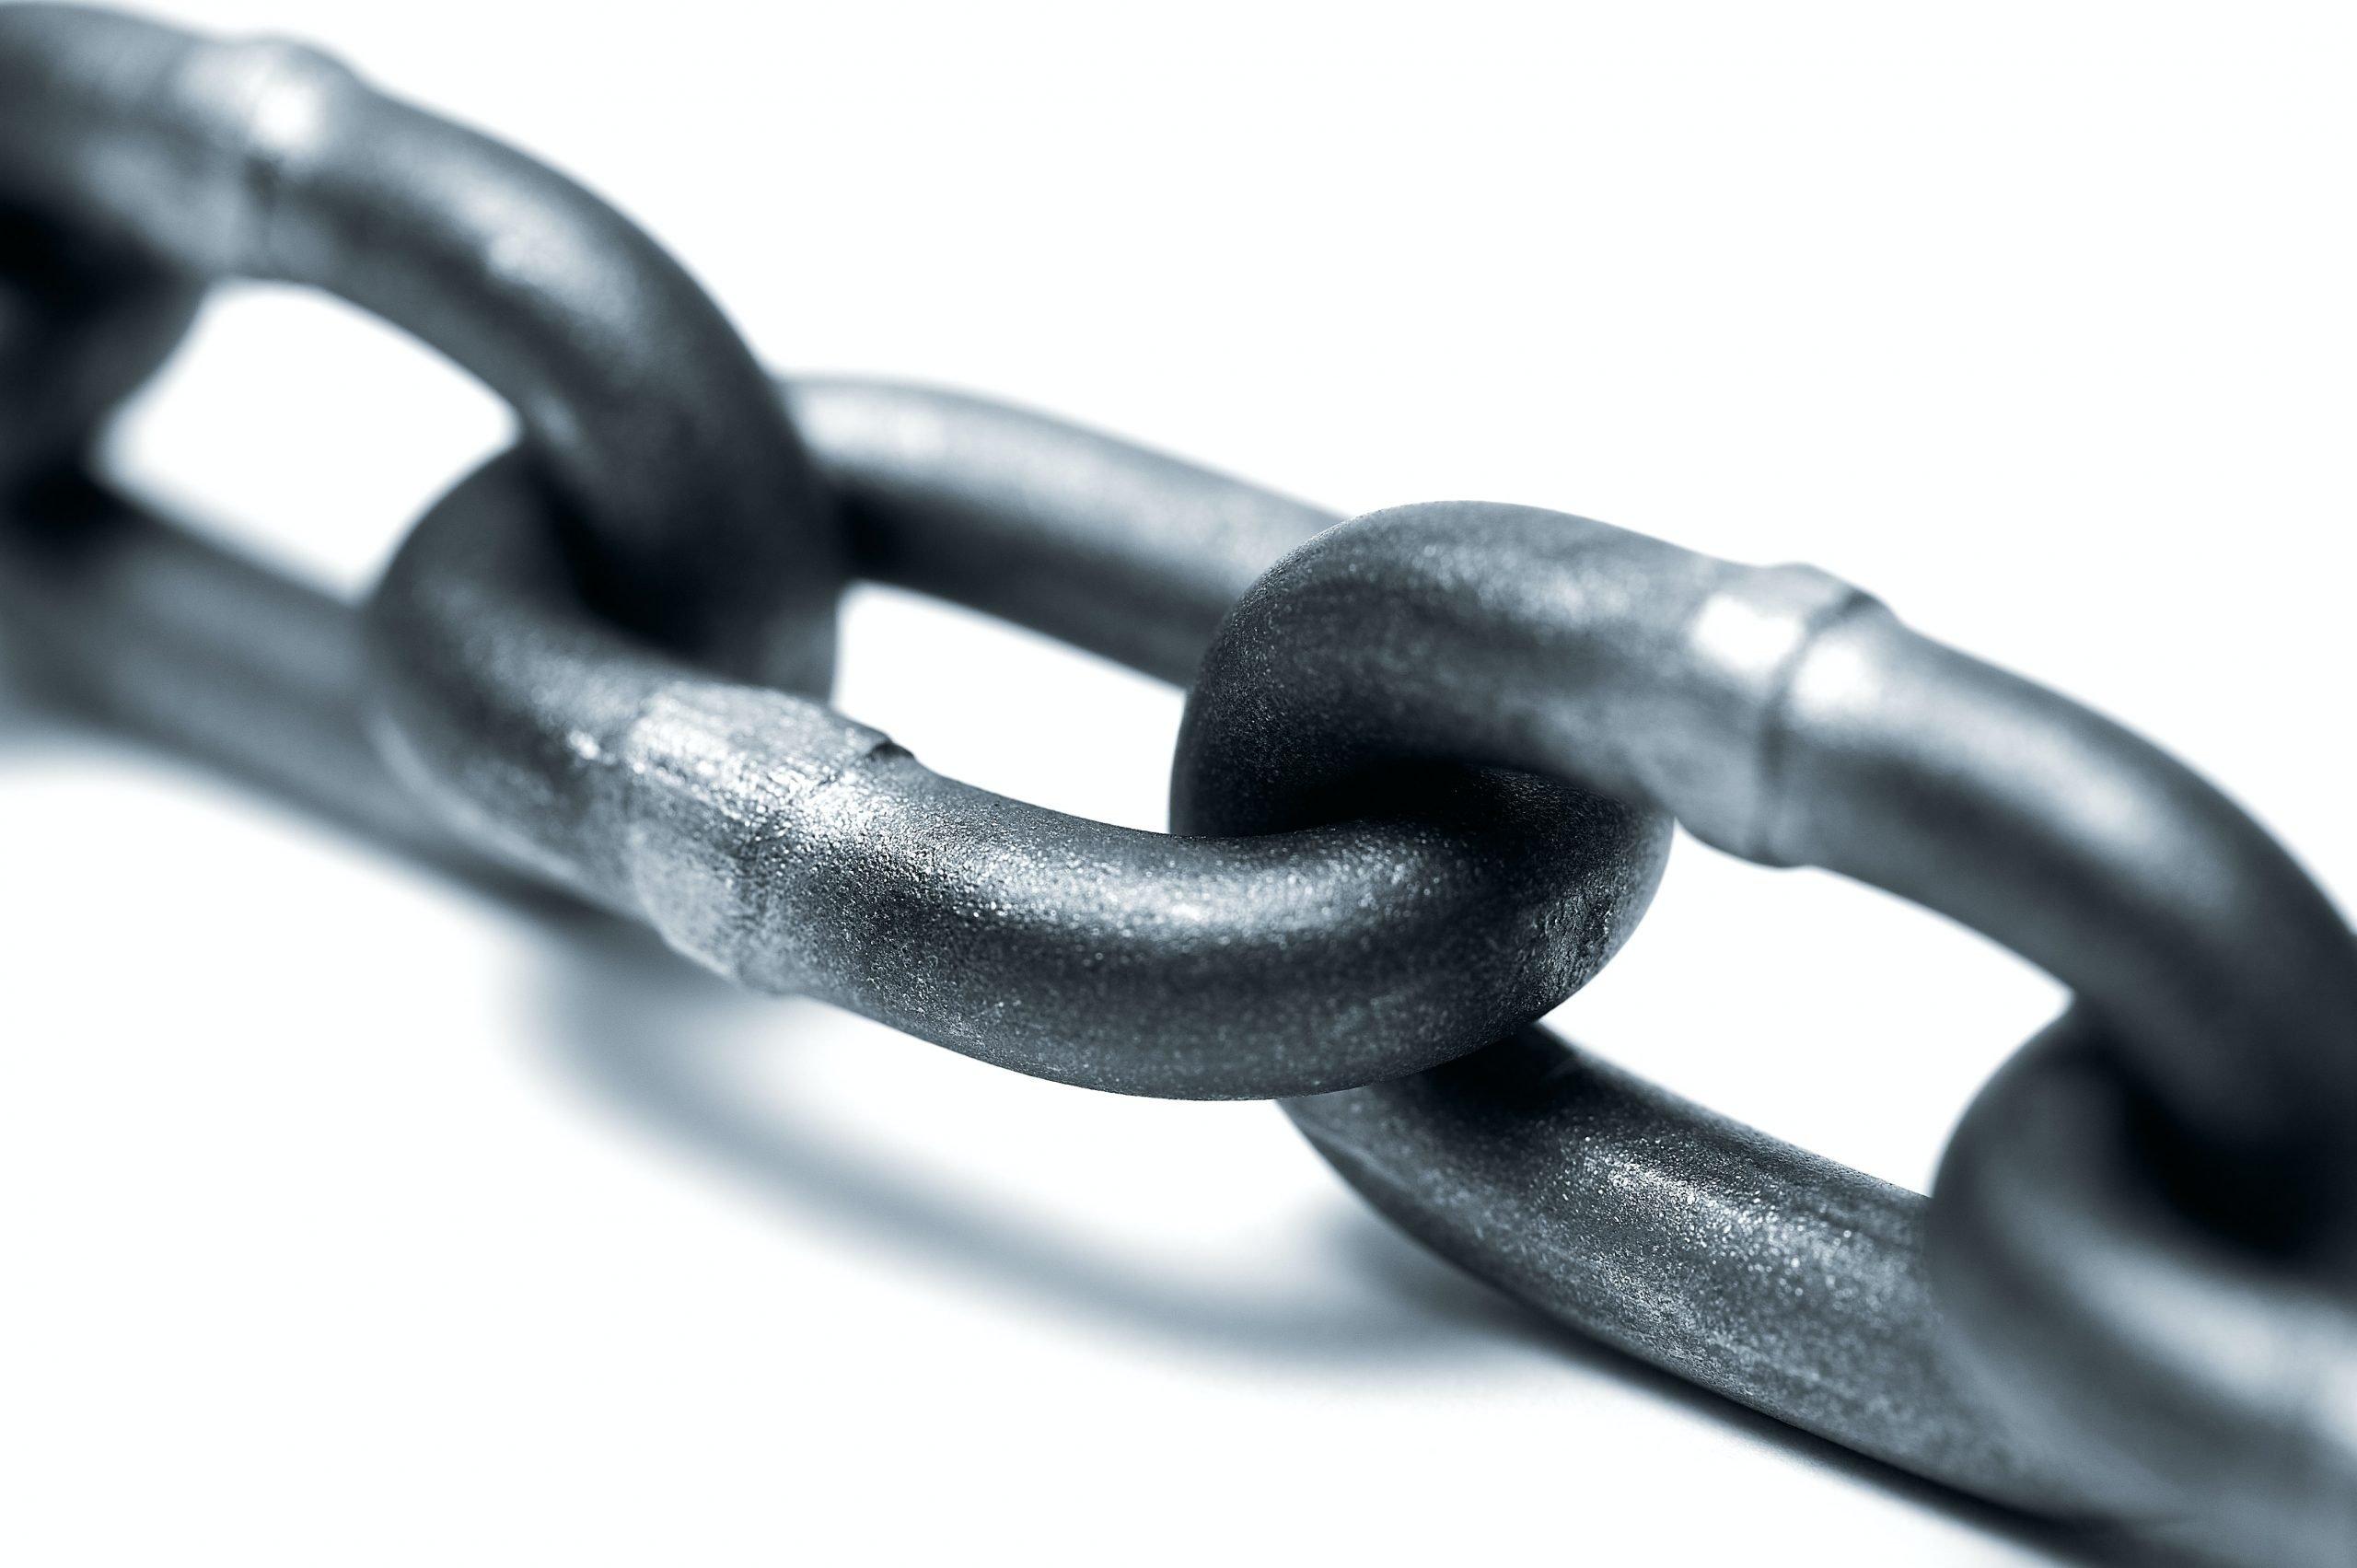 chaîne en métal qui a l'air solide